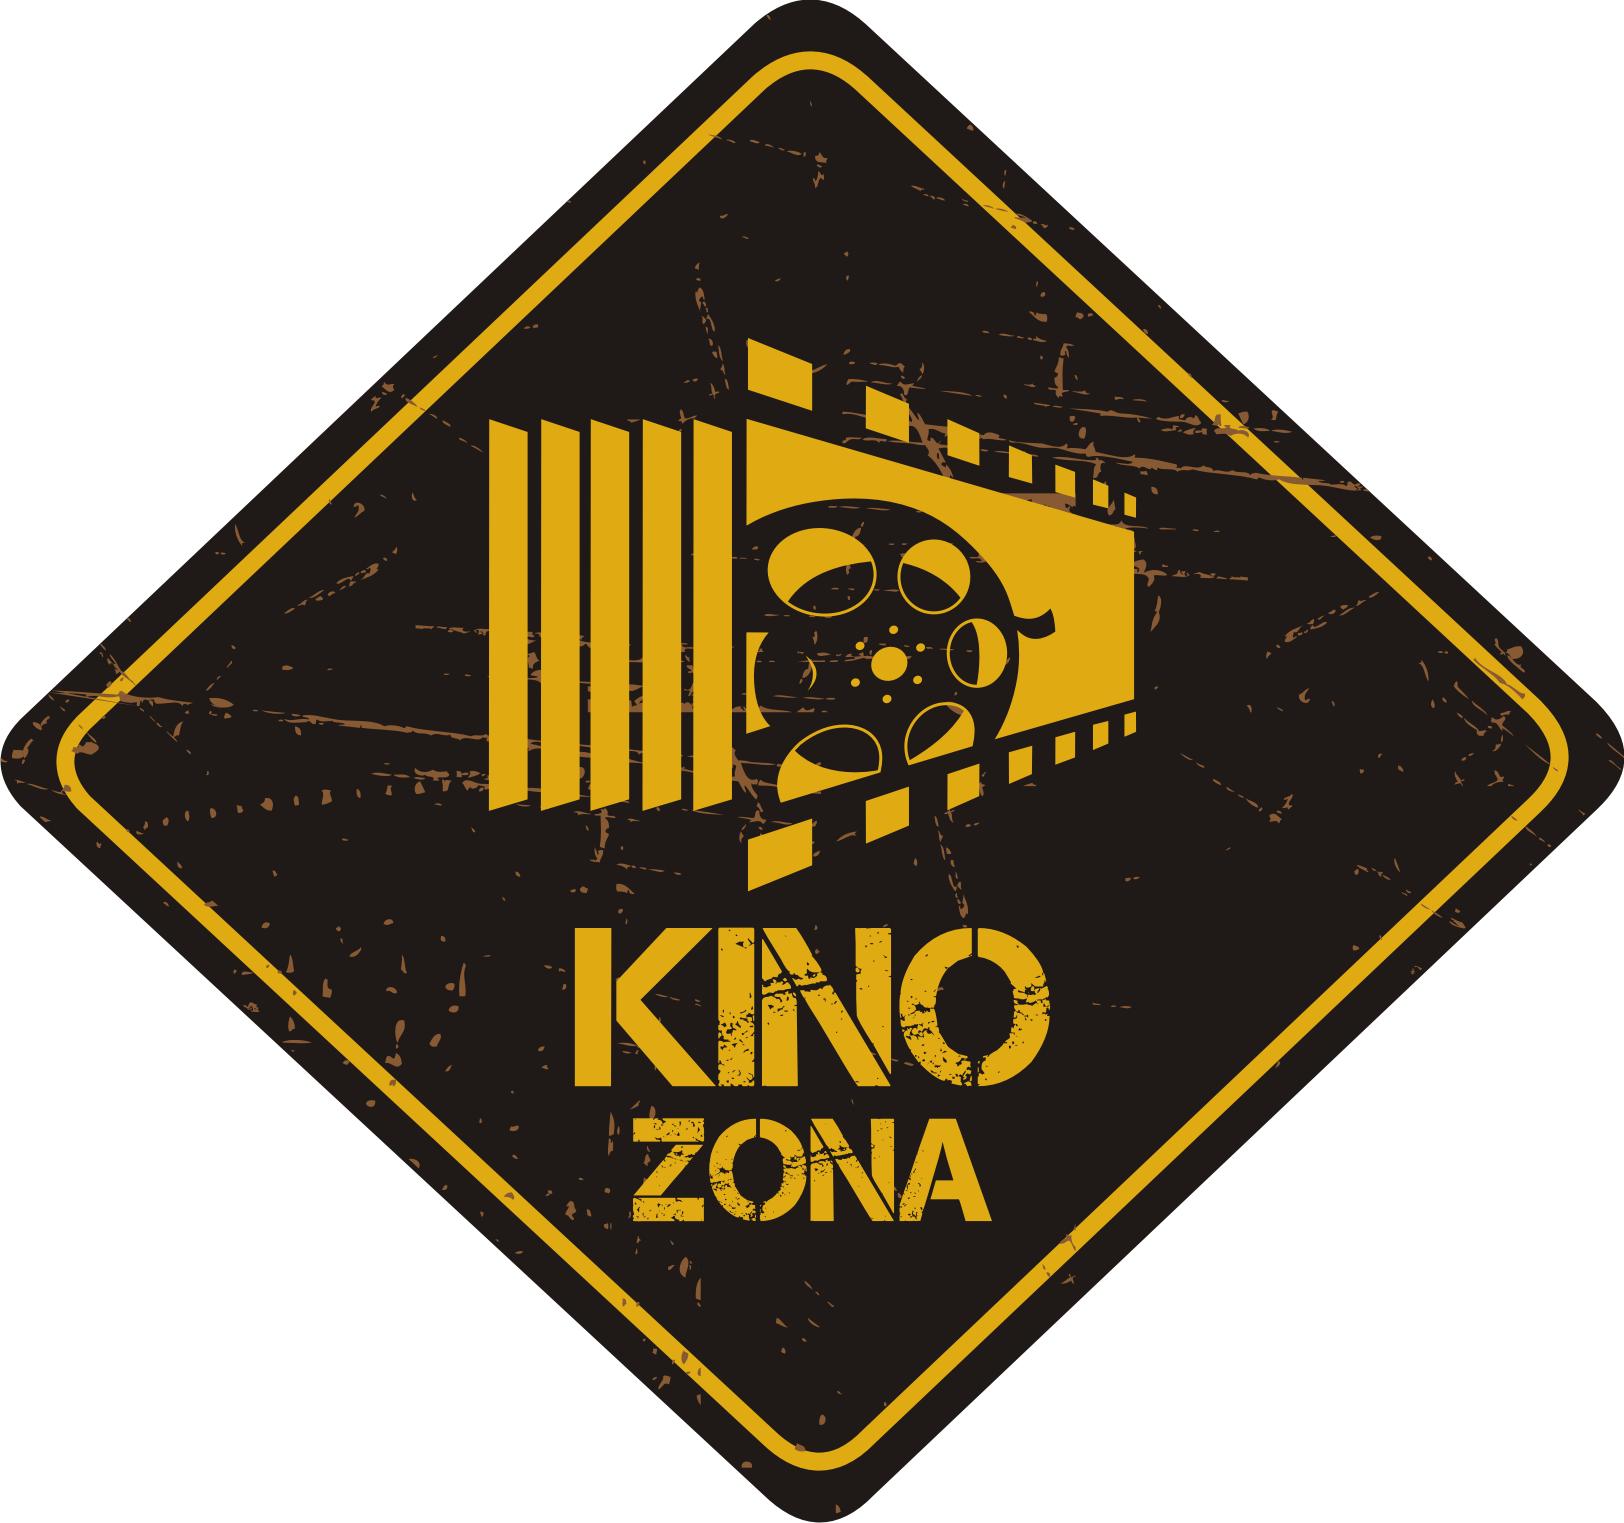 Kino Zona